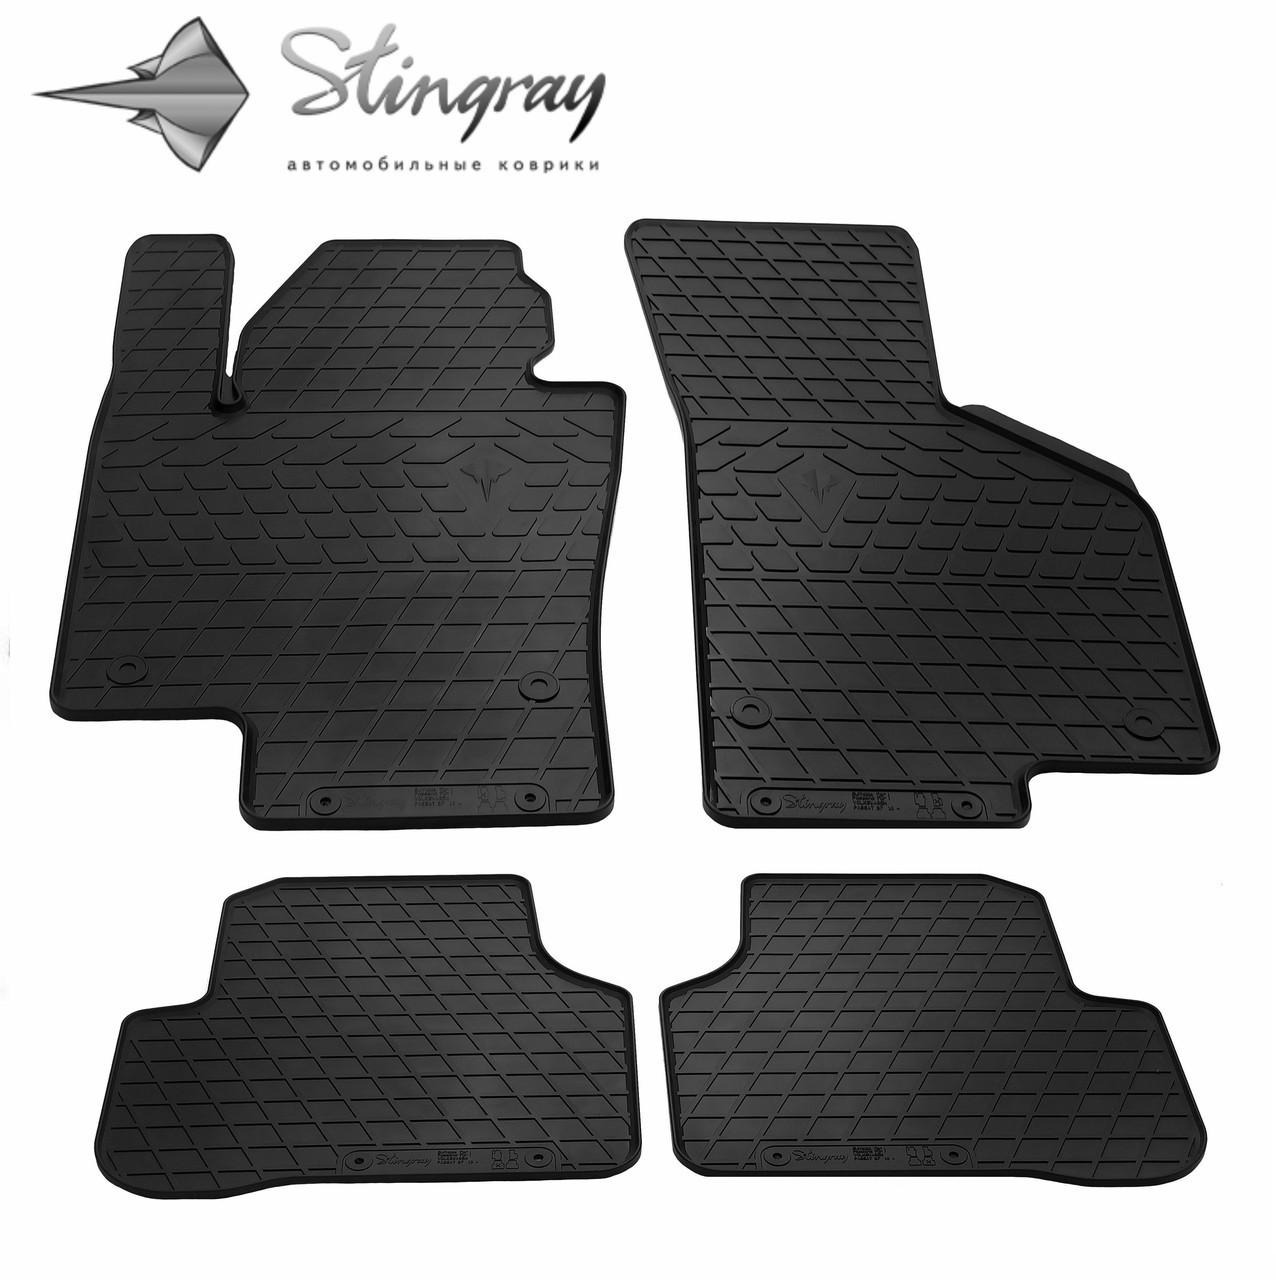 Коврики автомобильные для Volkswagen Passat B7 2010-2014 Stingray